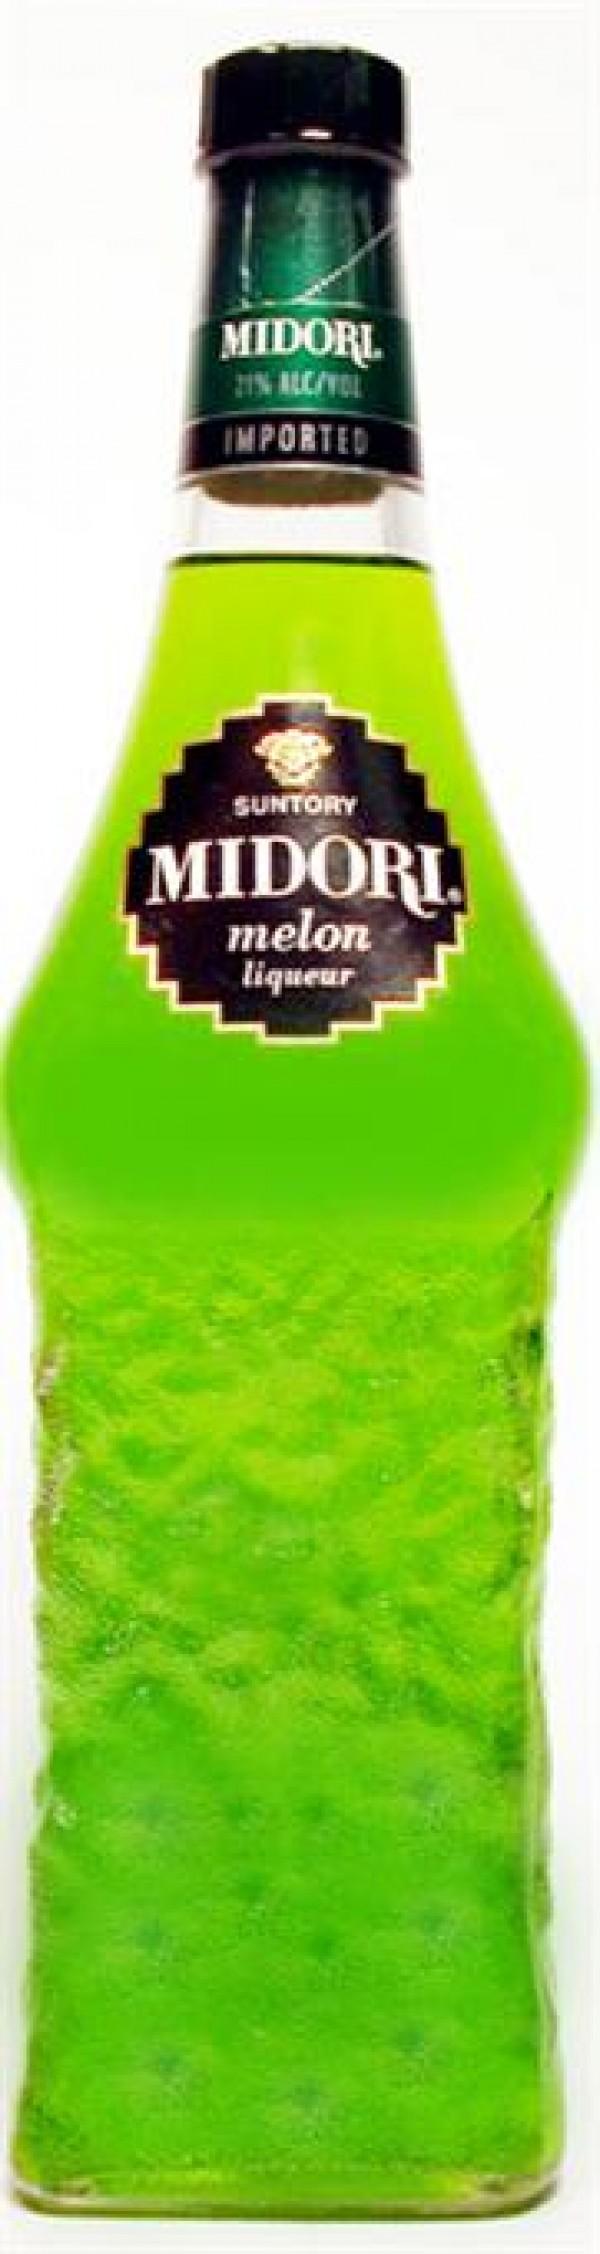 Midori Liqueur Melon